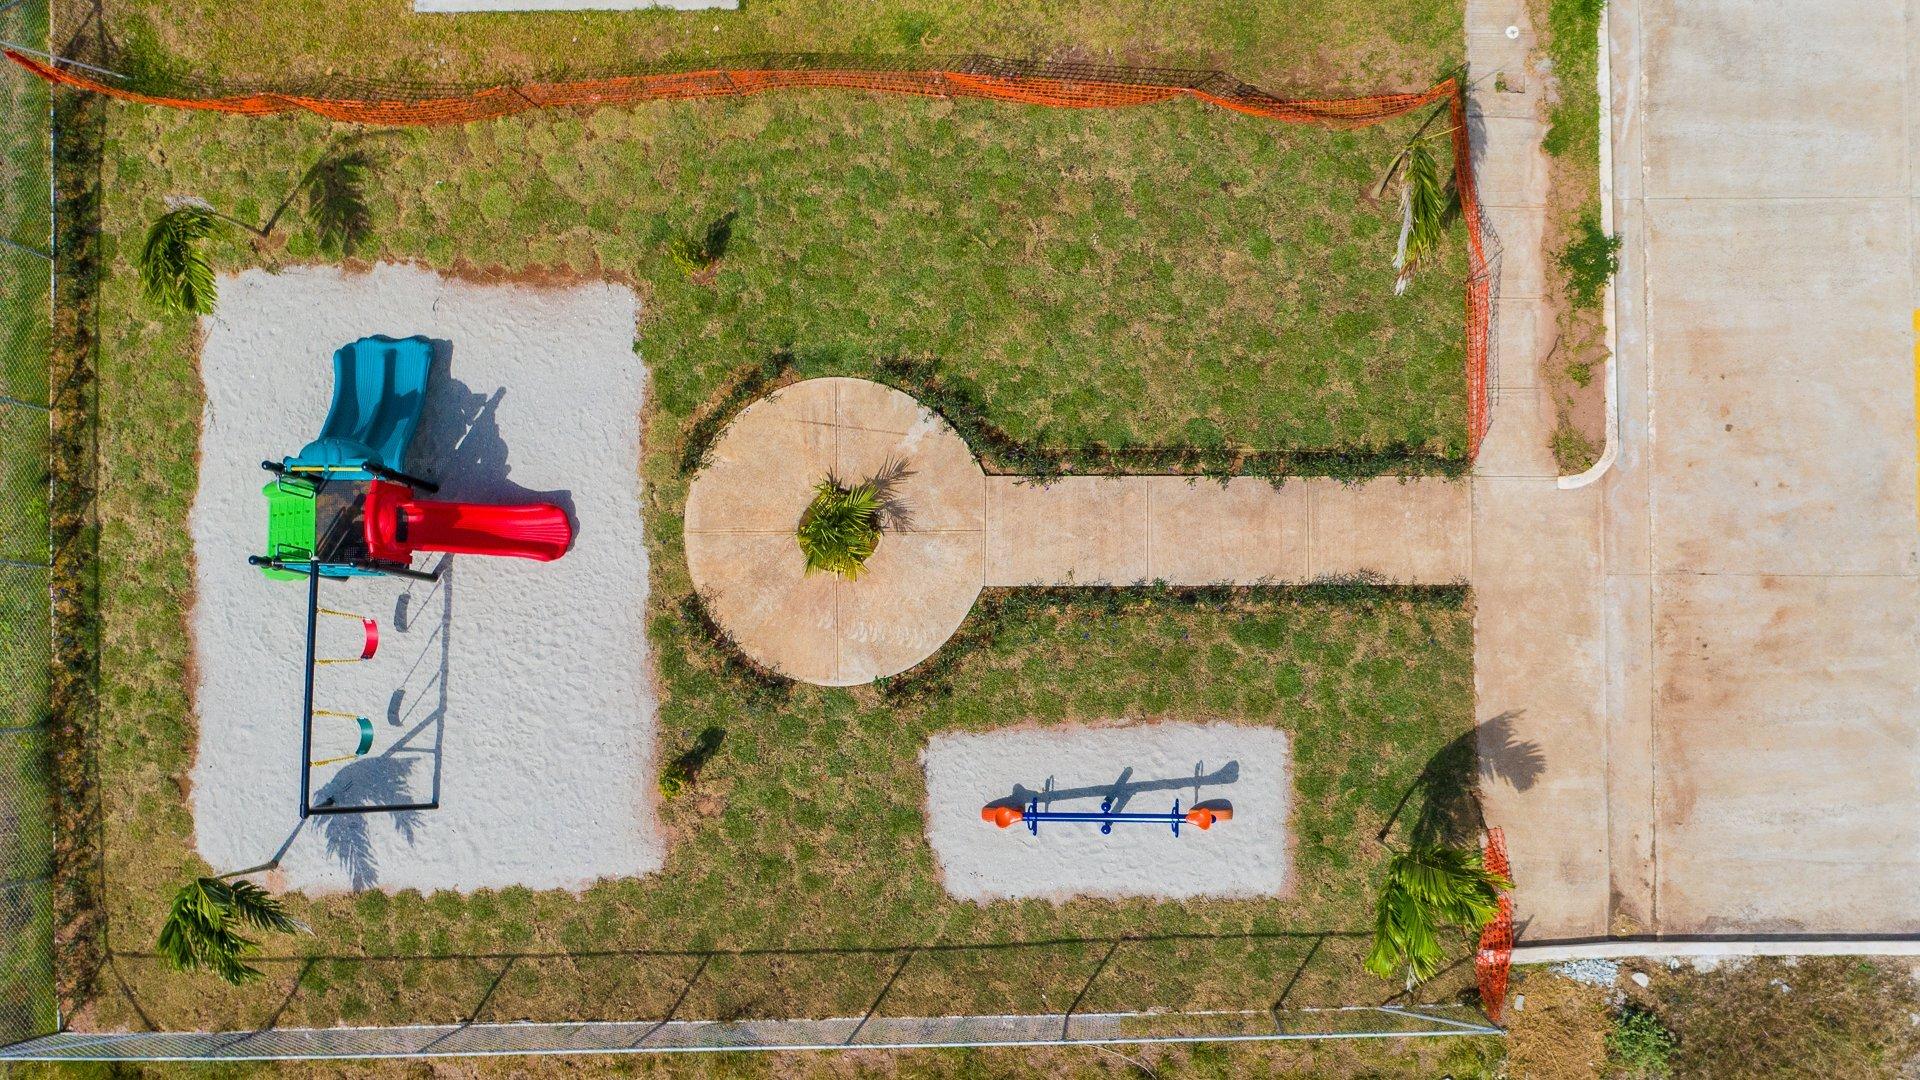 Canchas deportivas del residencial en Chorrera Jardines de La Mitra ; proyectos de vivienda en Chorrera